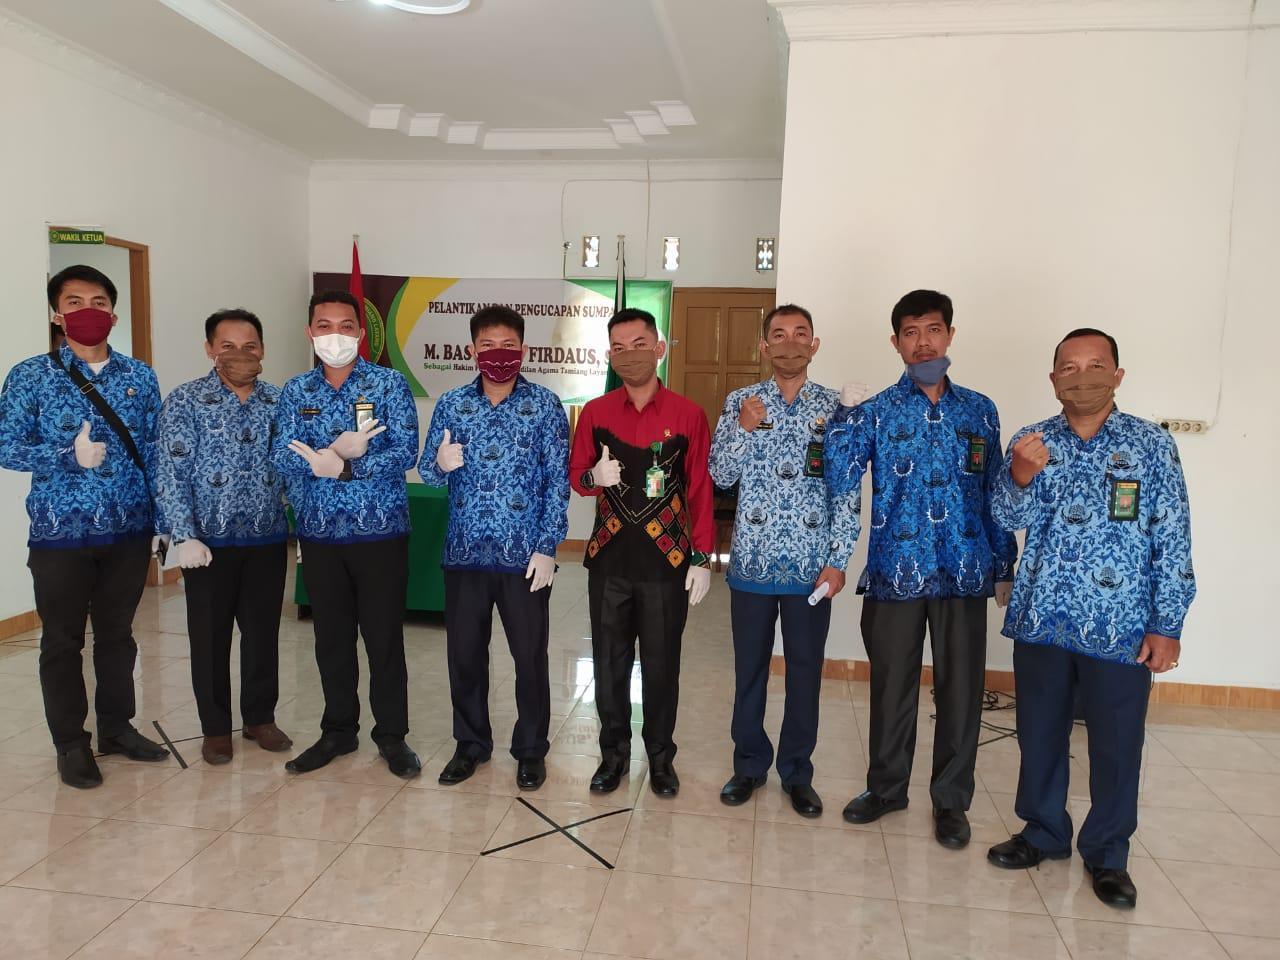 http://pa-tamianglayang.go.id/images/WhatsApp%20Image%202020-04-21%20at%2008.44.45.jpeg